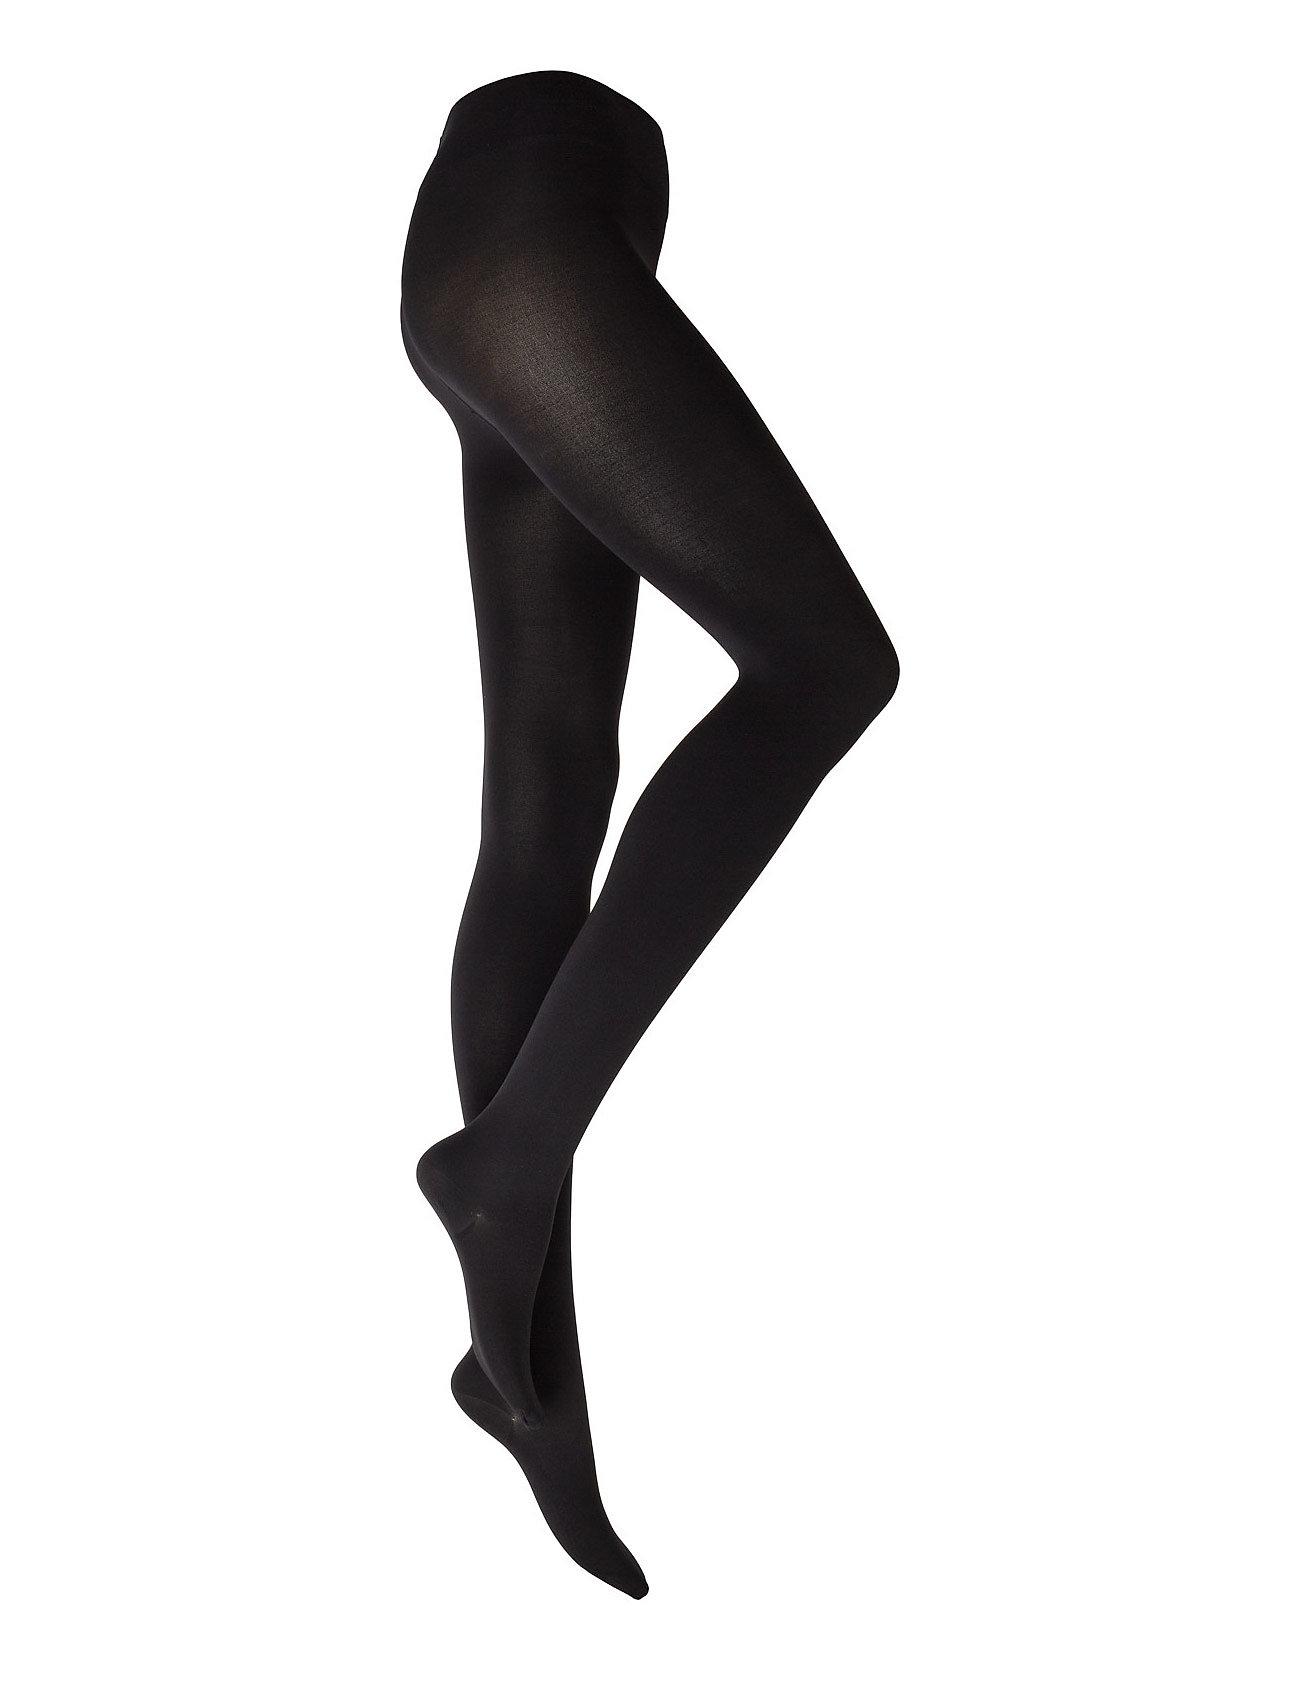 c8c5a7c21 Velvet 66 Leg Support Tights (Black) (380 kr) - Wolford -